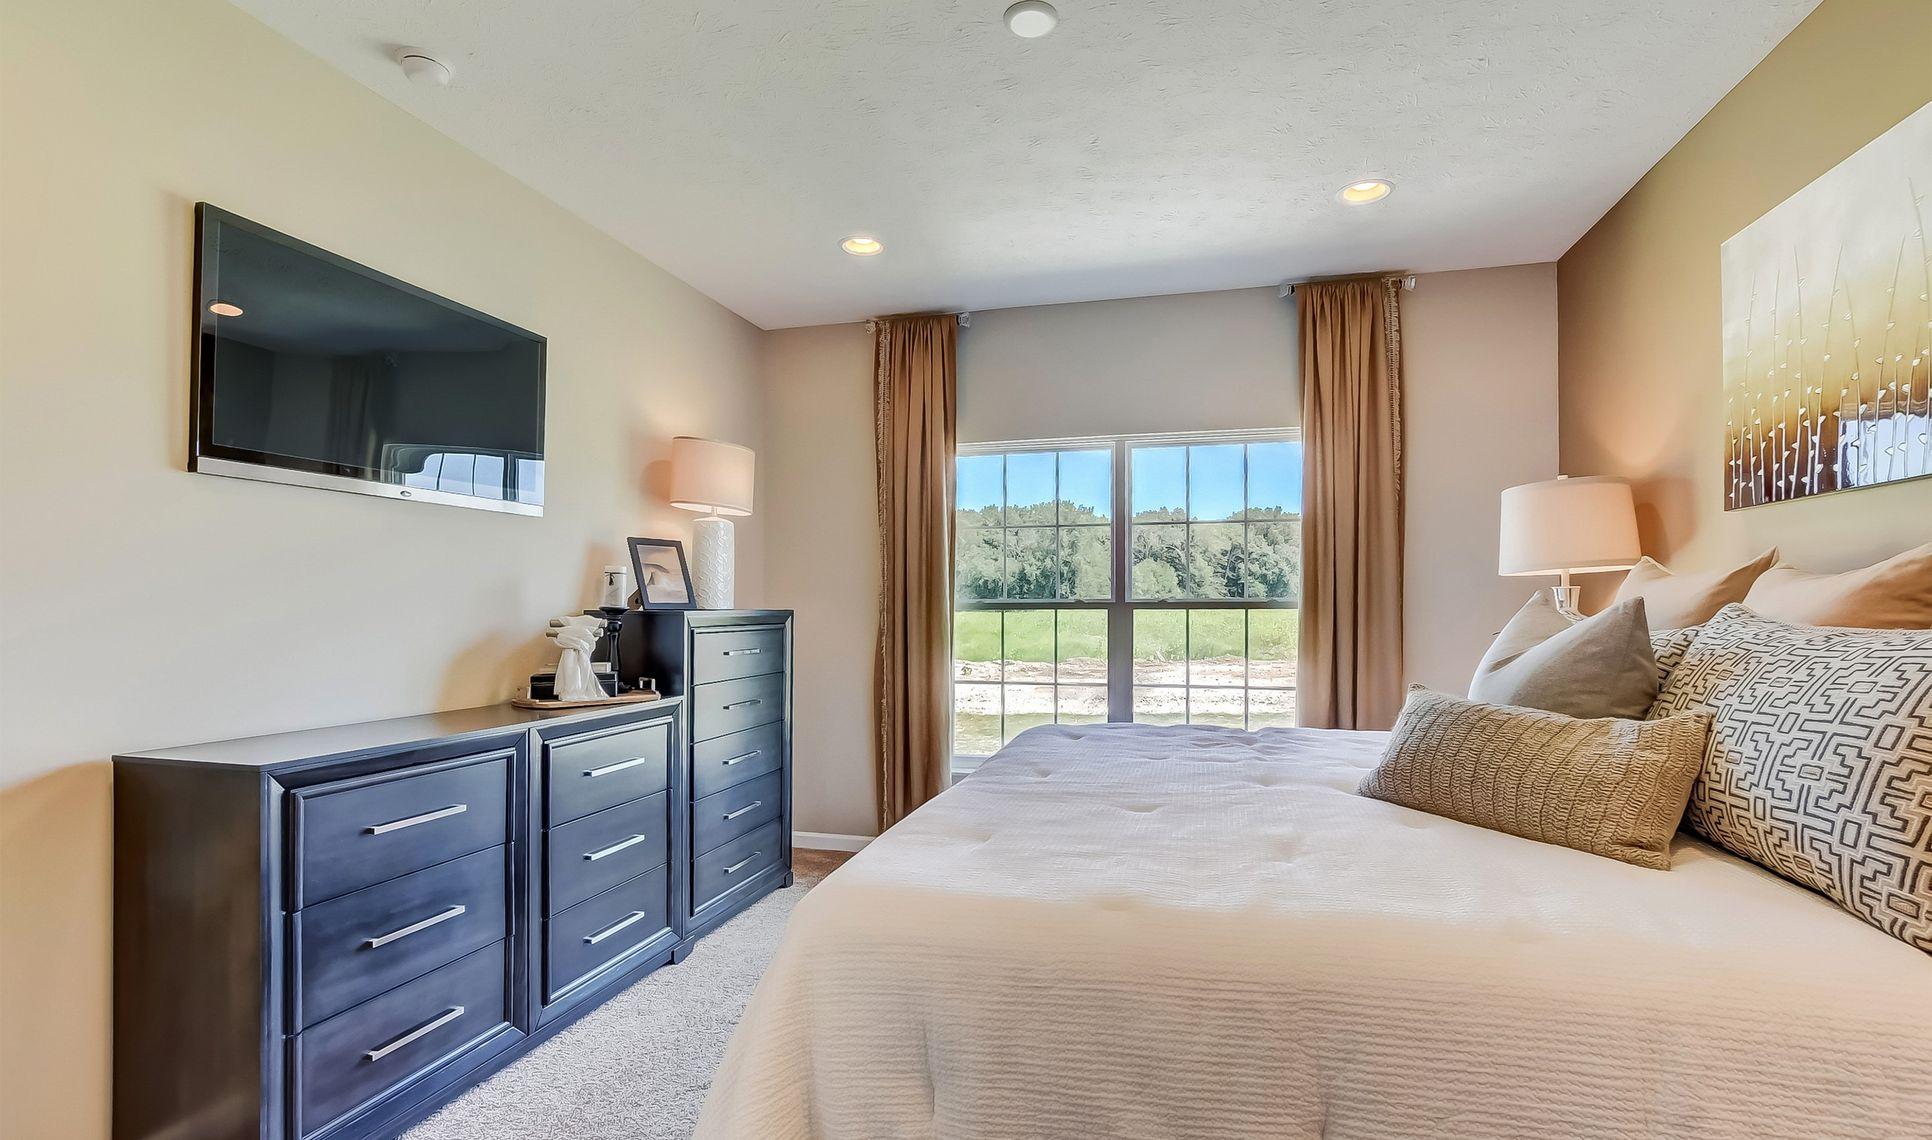 Interior:Private owner's suite